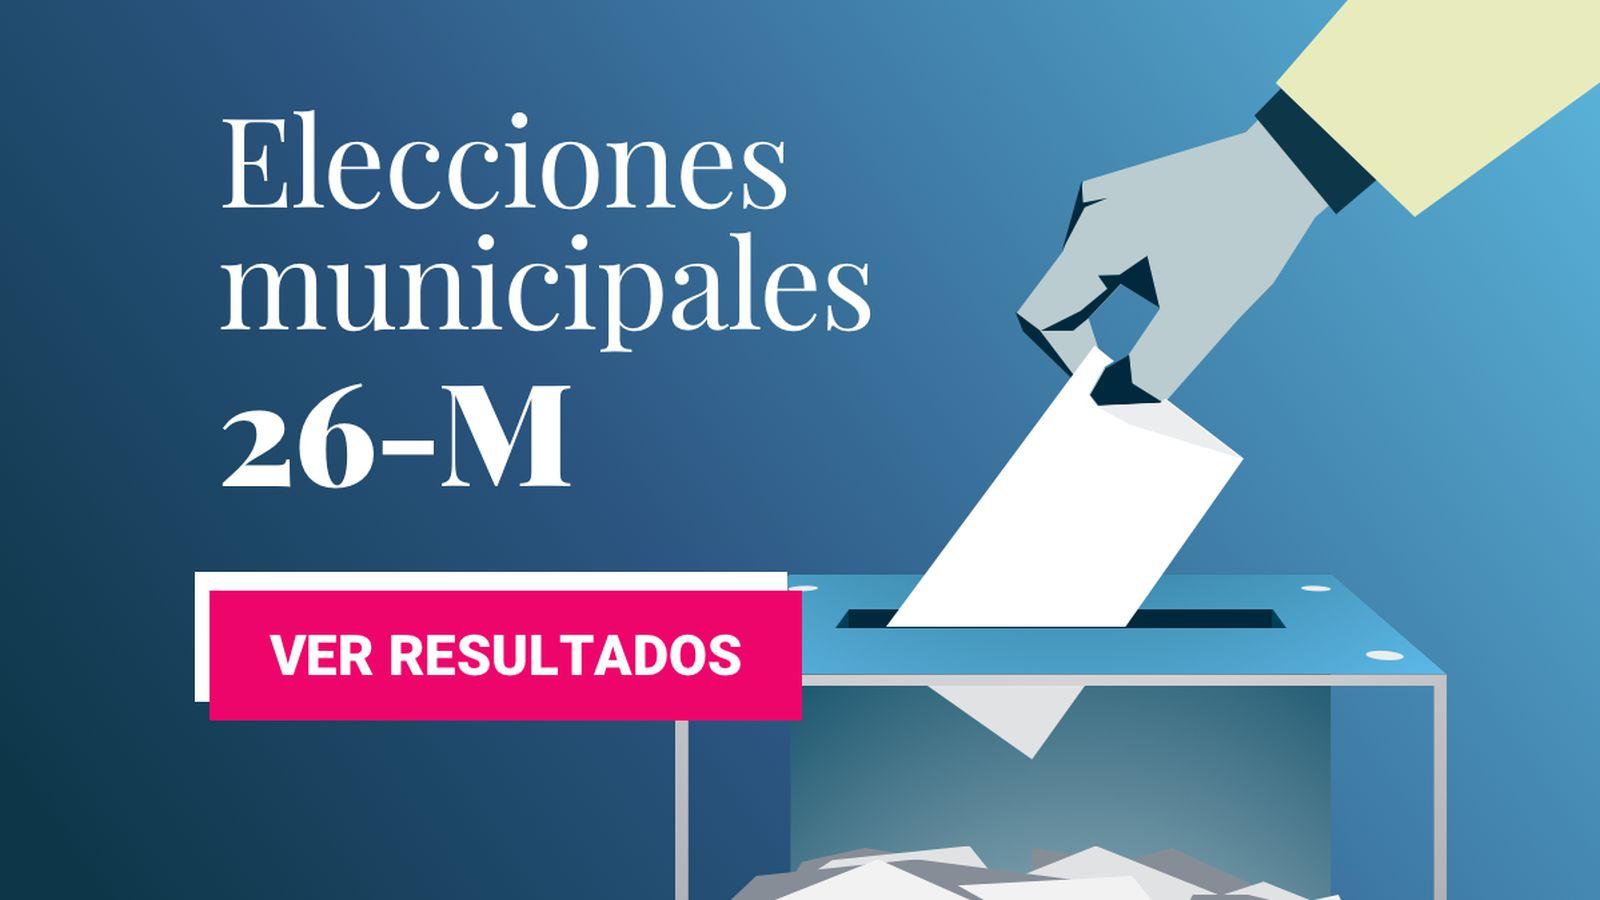 Elecciones 2019 Resultados Las En De Municipales Orio b76yYfgv